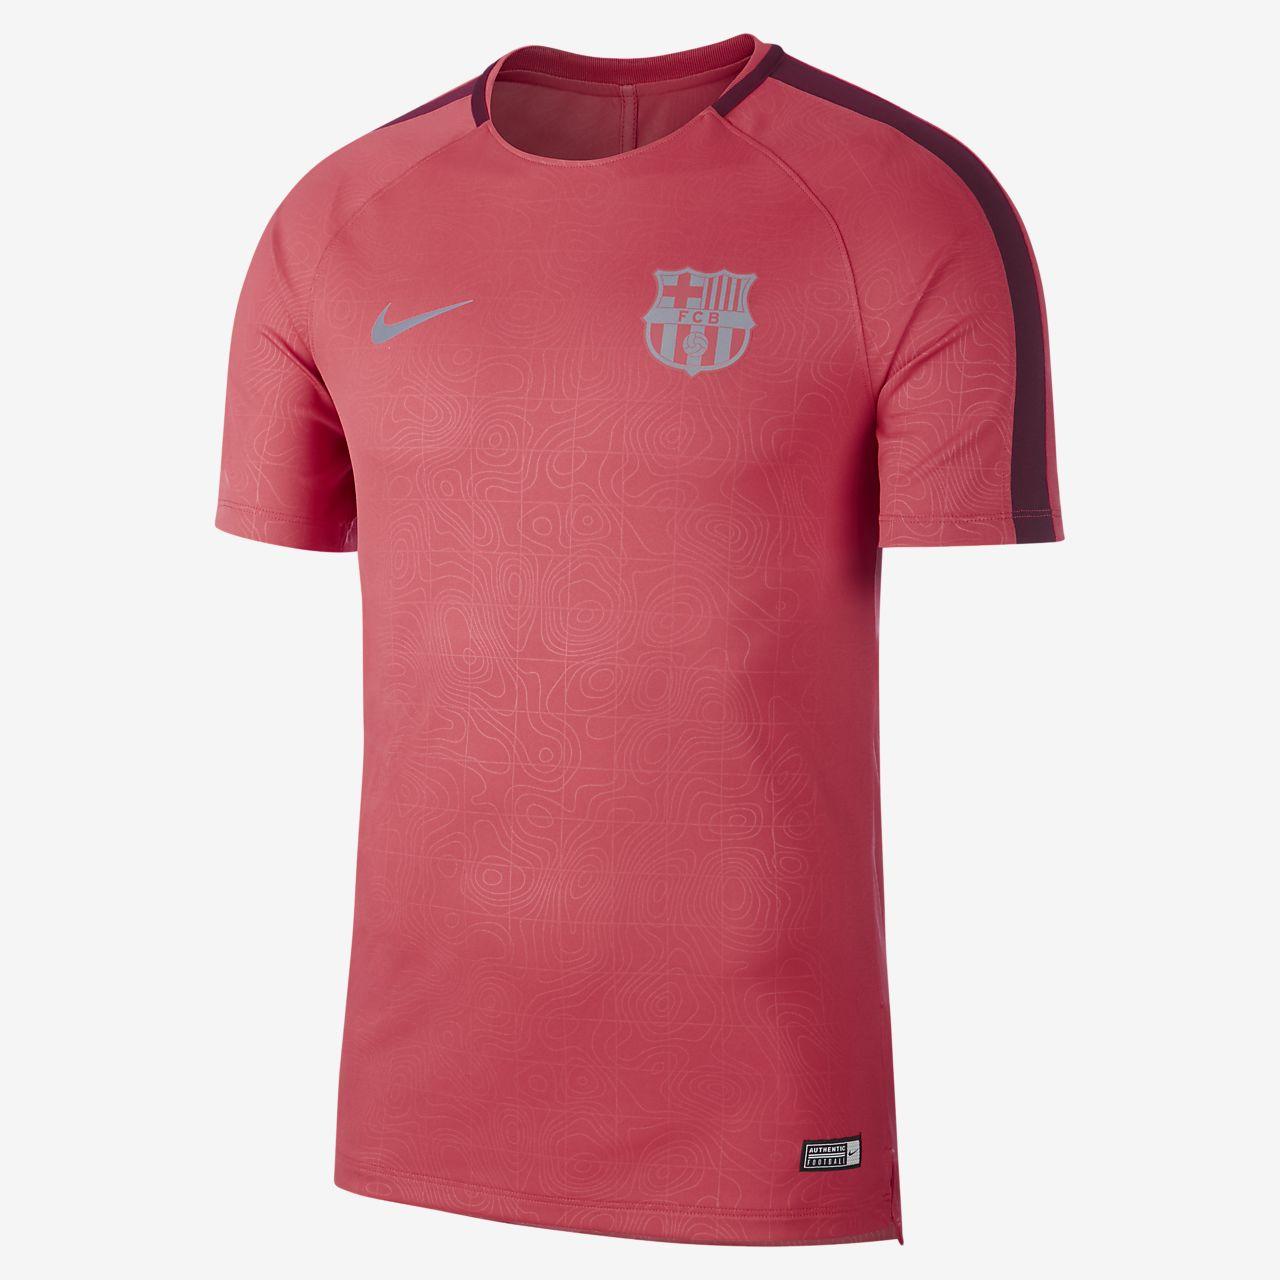 FC Barcelona Dri-FIT Squad Camiseta de fútbol de manga corta - Hombre 0331345bfb56f